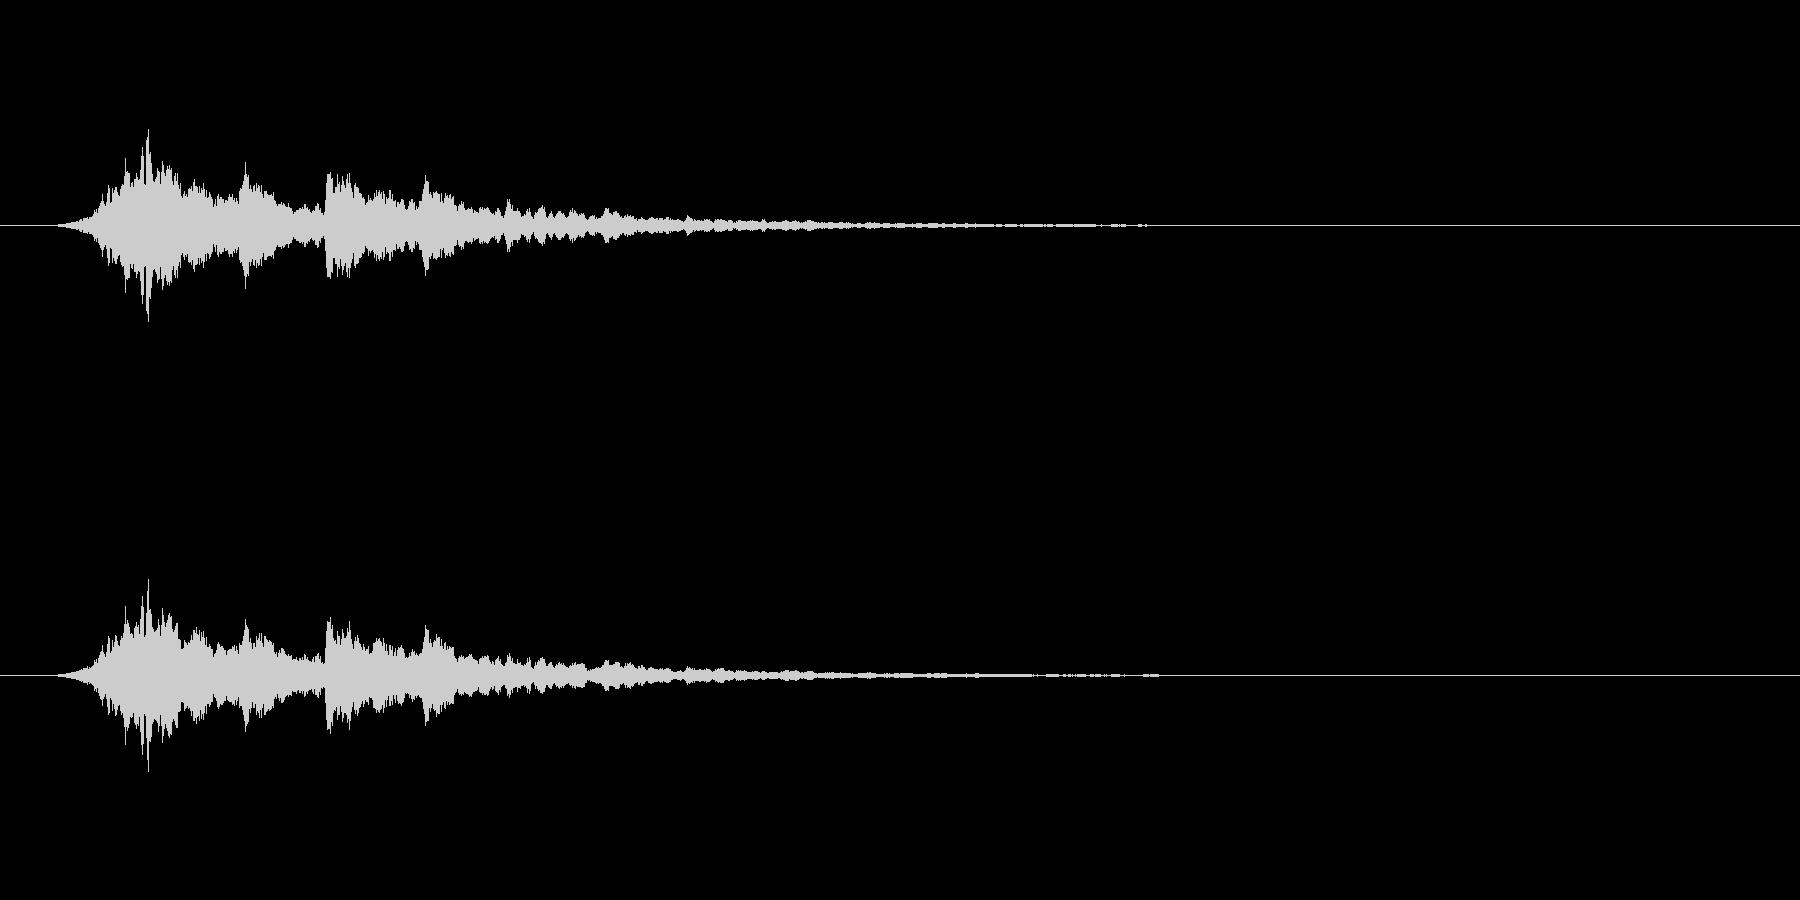 【アクセント12-6】の未再生の波形